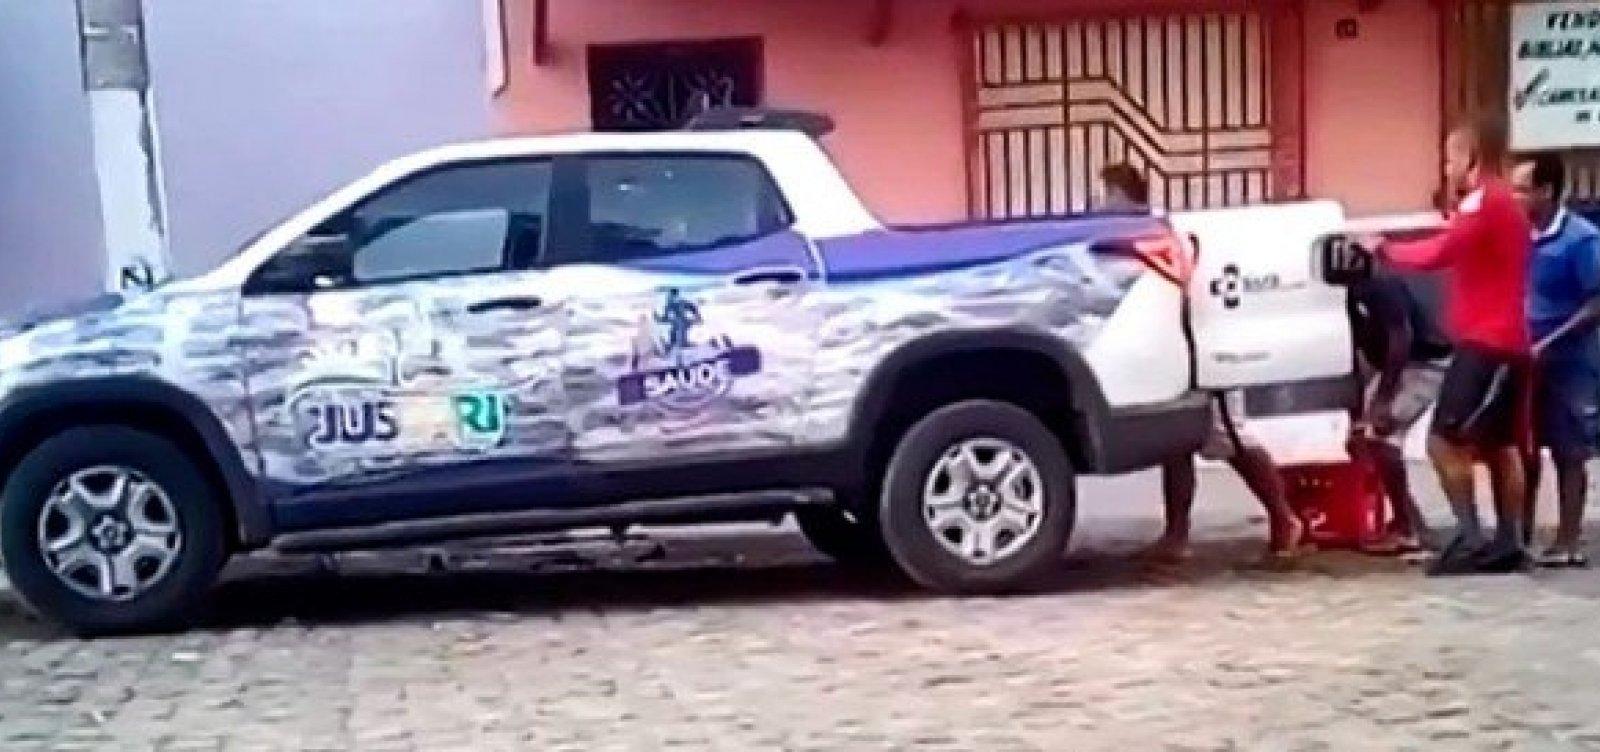 Imagens mostram veículo da Secretaria Municipal de Saúde transportando cerveja no interior da Bahia